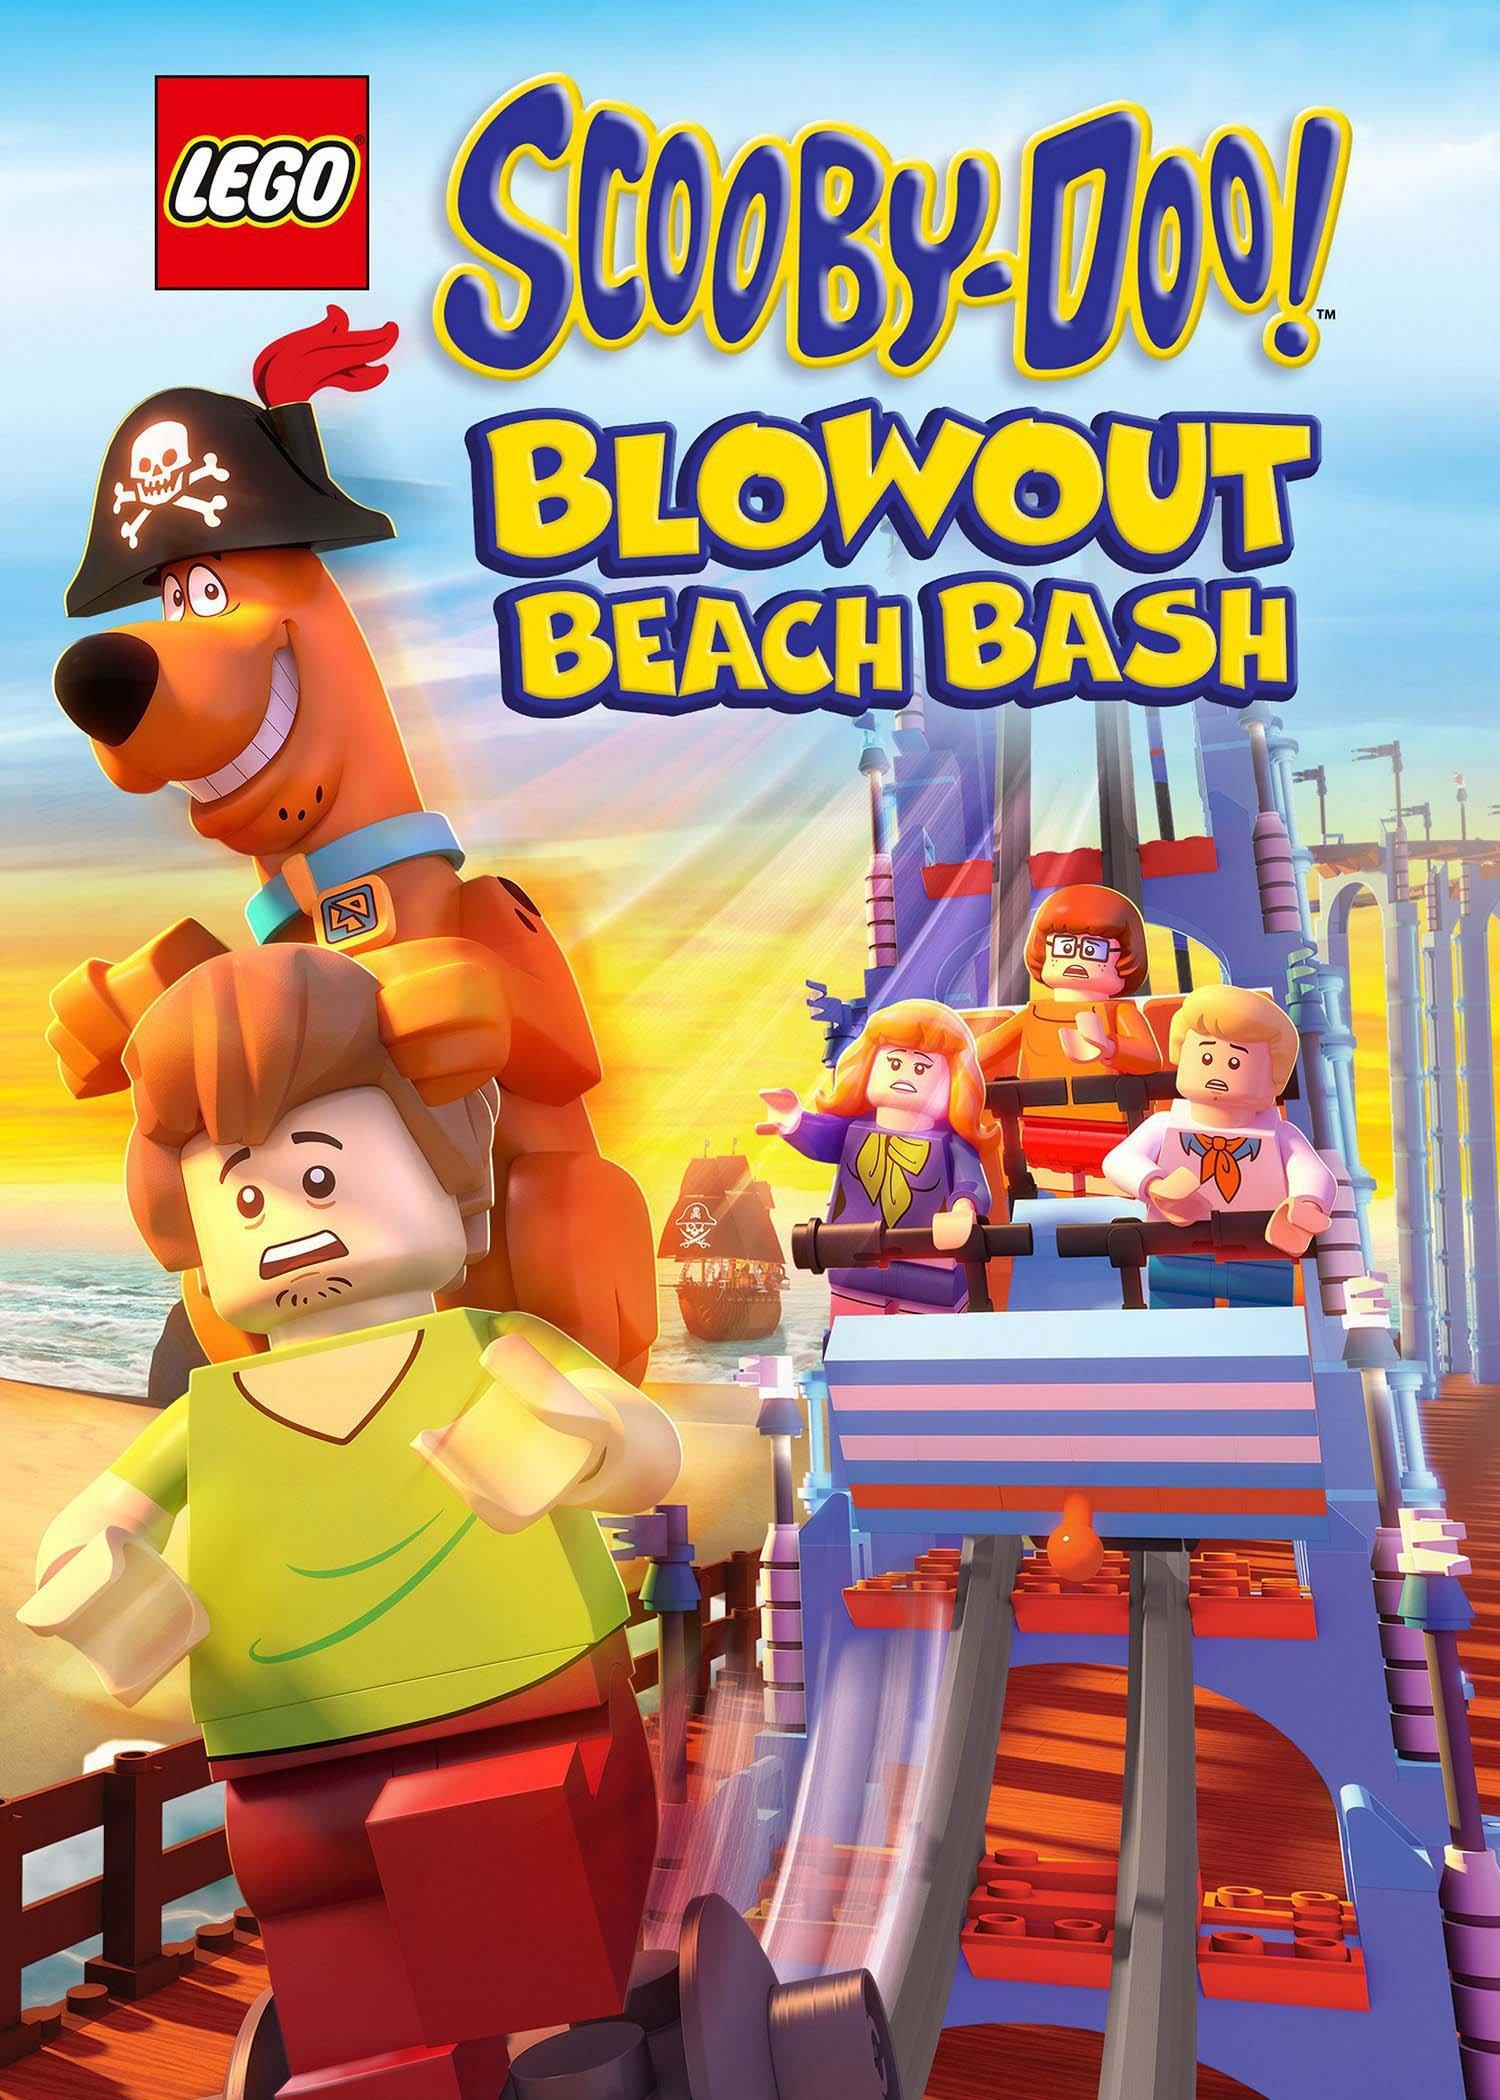 ლეგო სკუბი-დუ: ასაფრენი სანაპირო Lego Scooby-Doo! Blowout Beach Bash